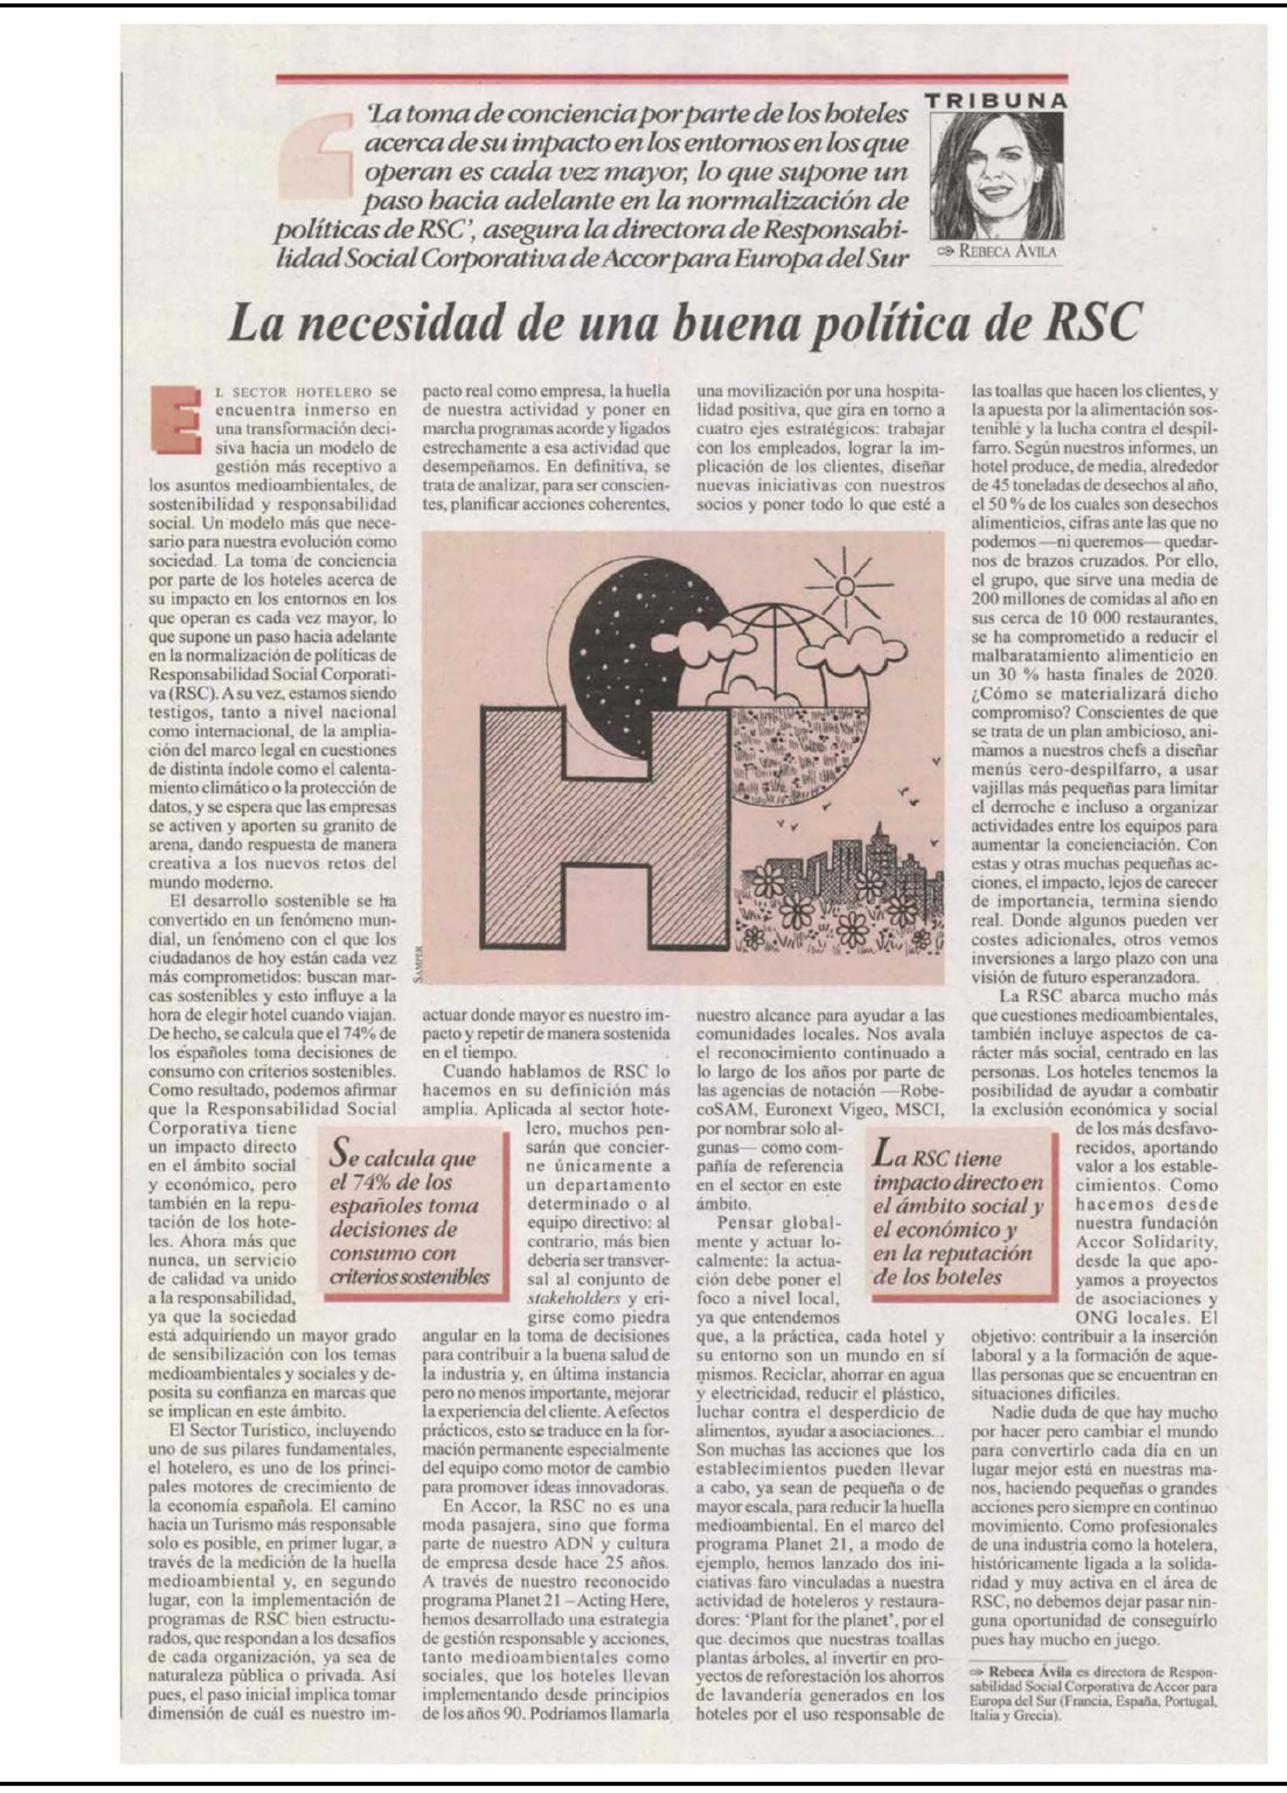 La necesidad de una buena política de RSC / Tribuna